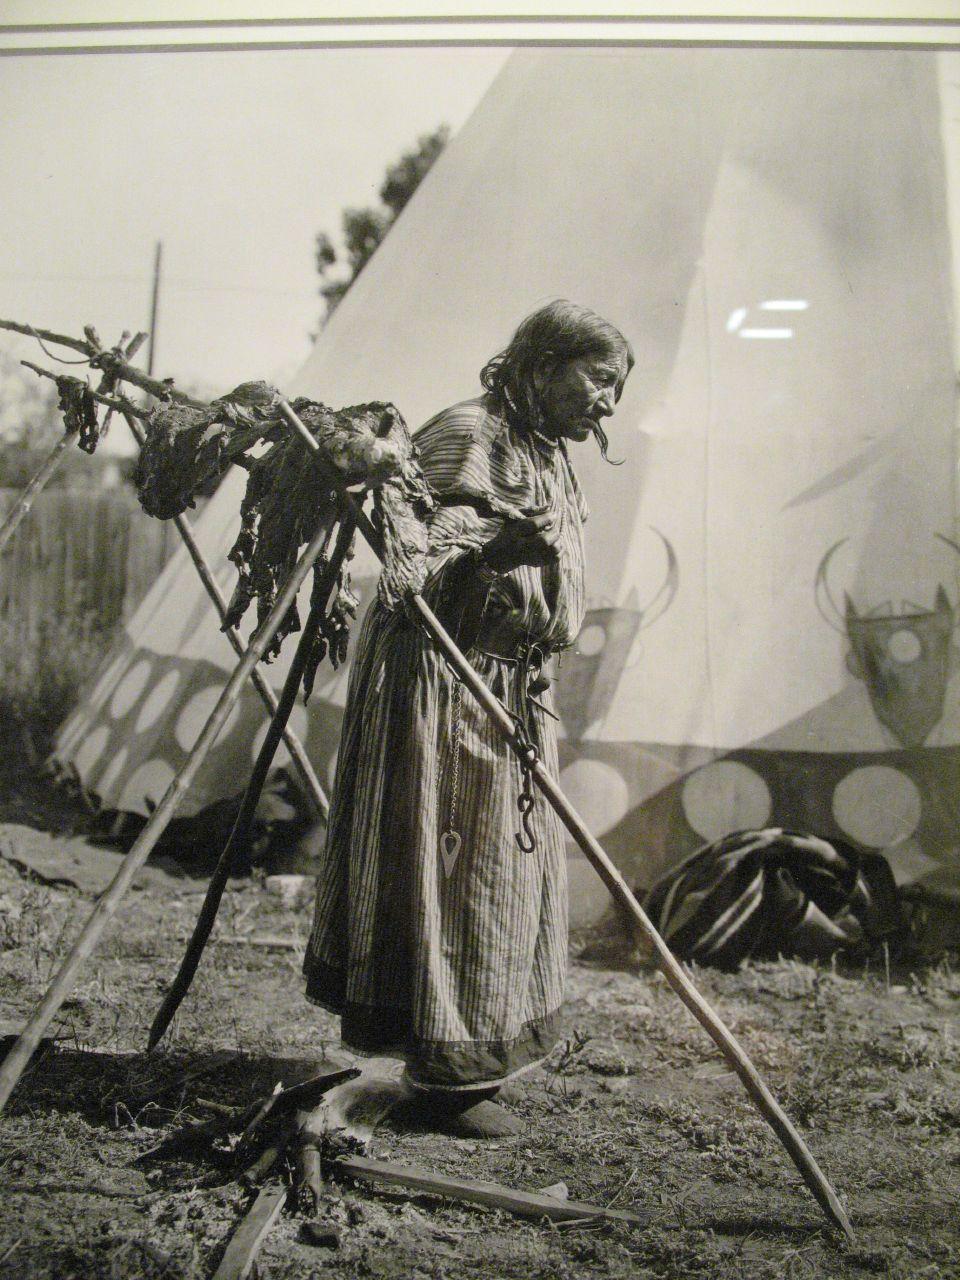 Blackfoot Woman (unidentified), 1920s by Harry Pollard.